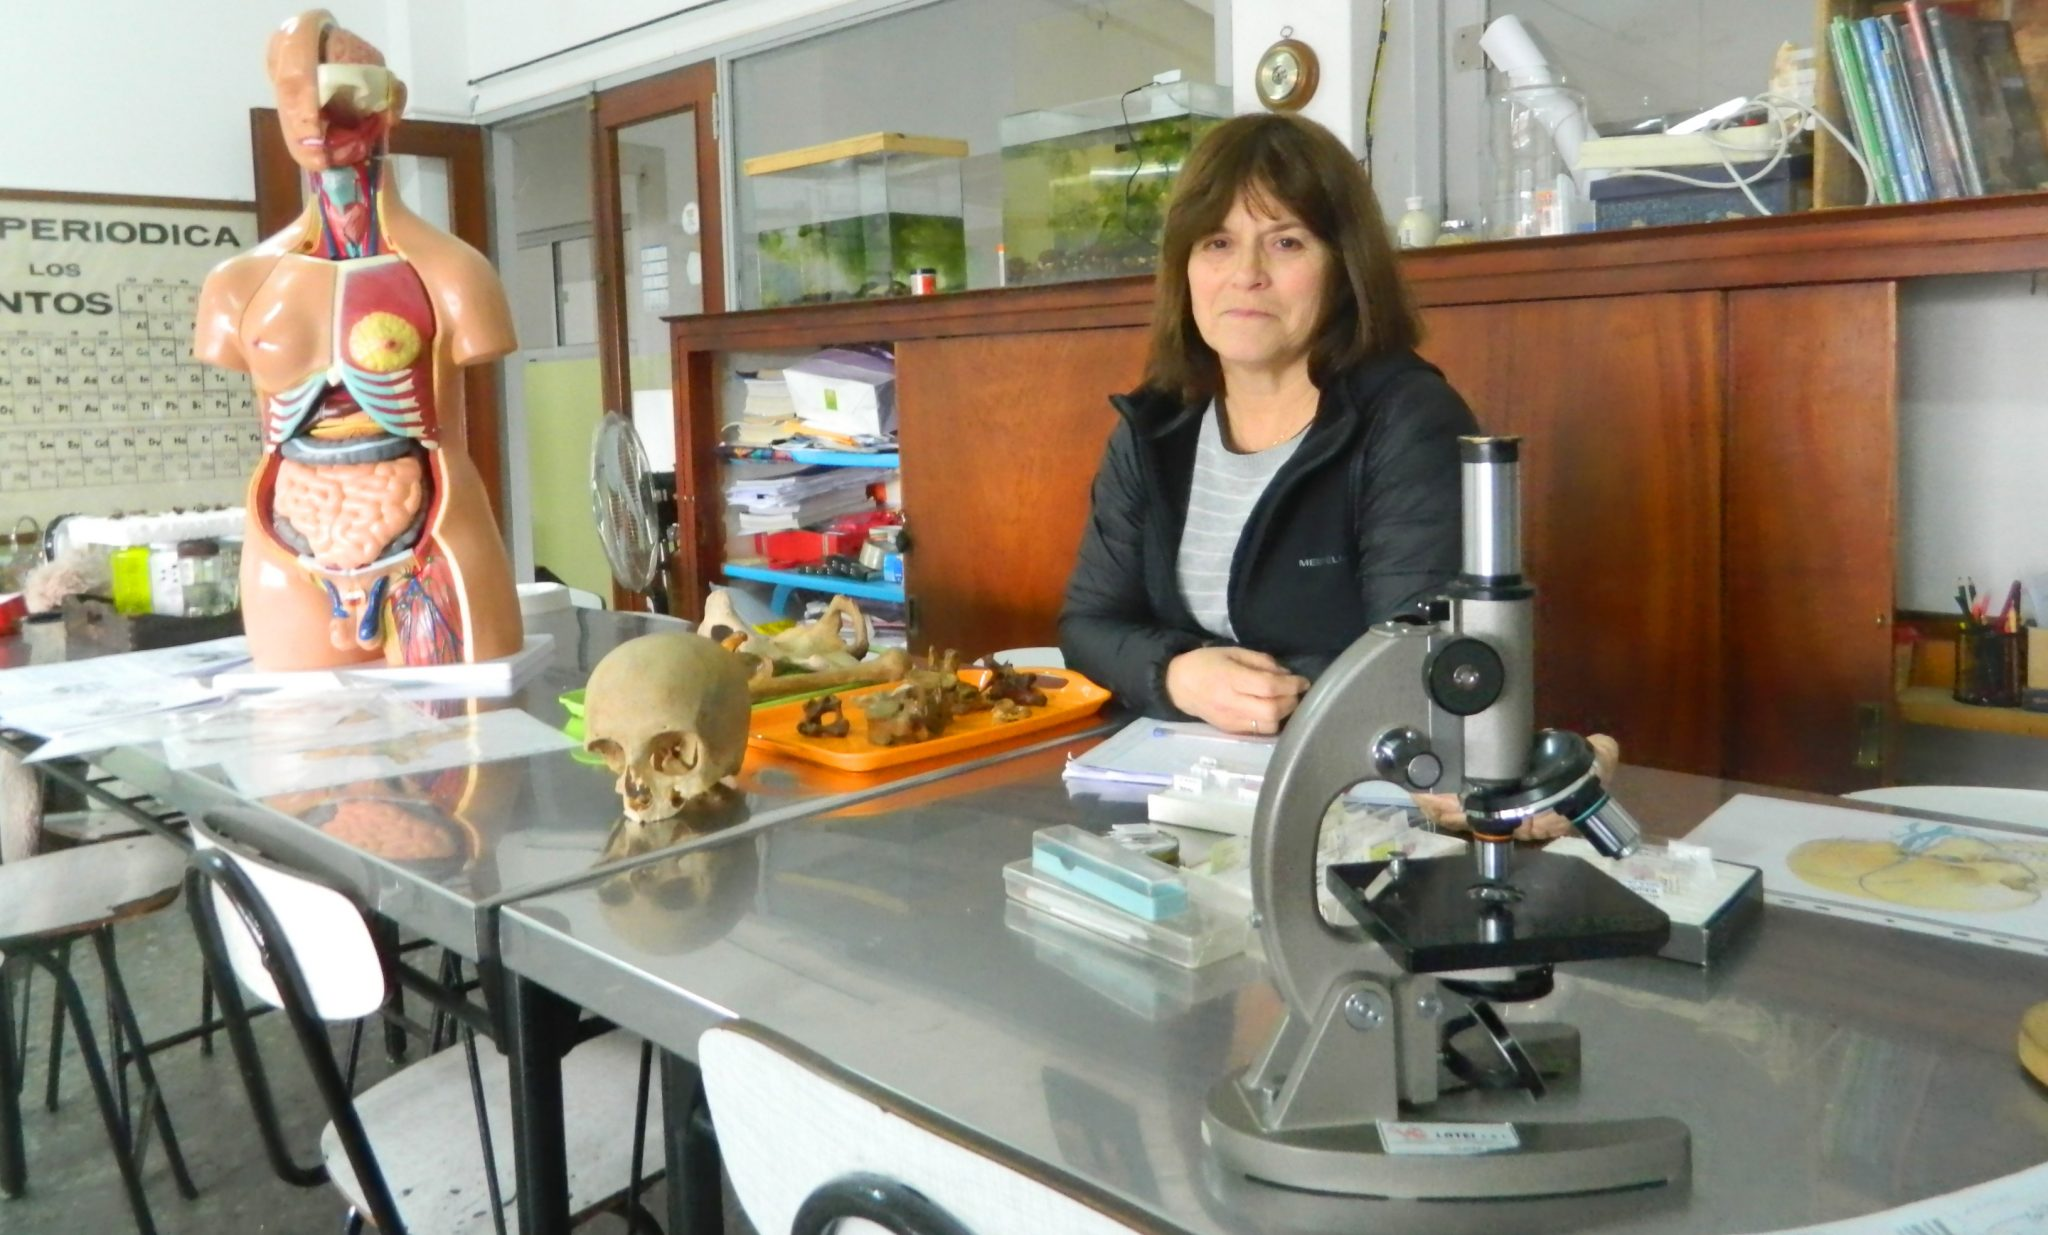 Conociendo a nuestra Comunidad Educativa – Sonia Ferrou